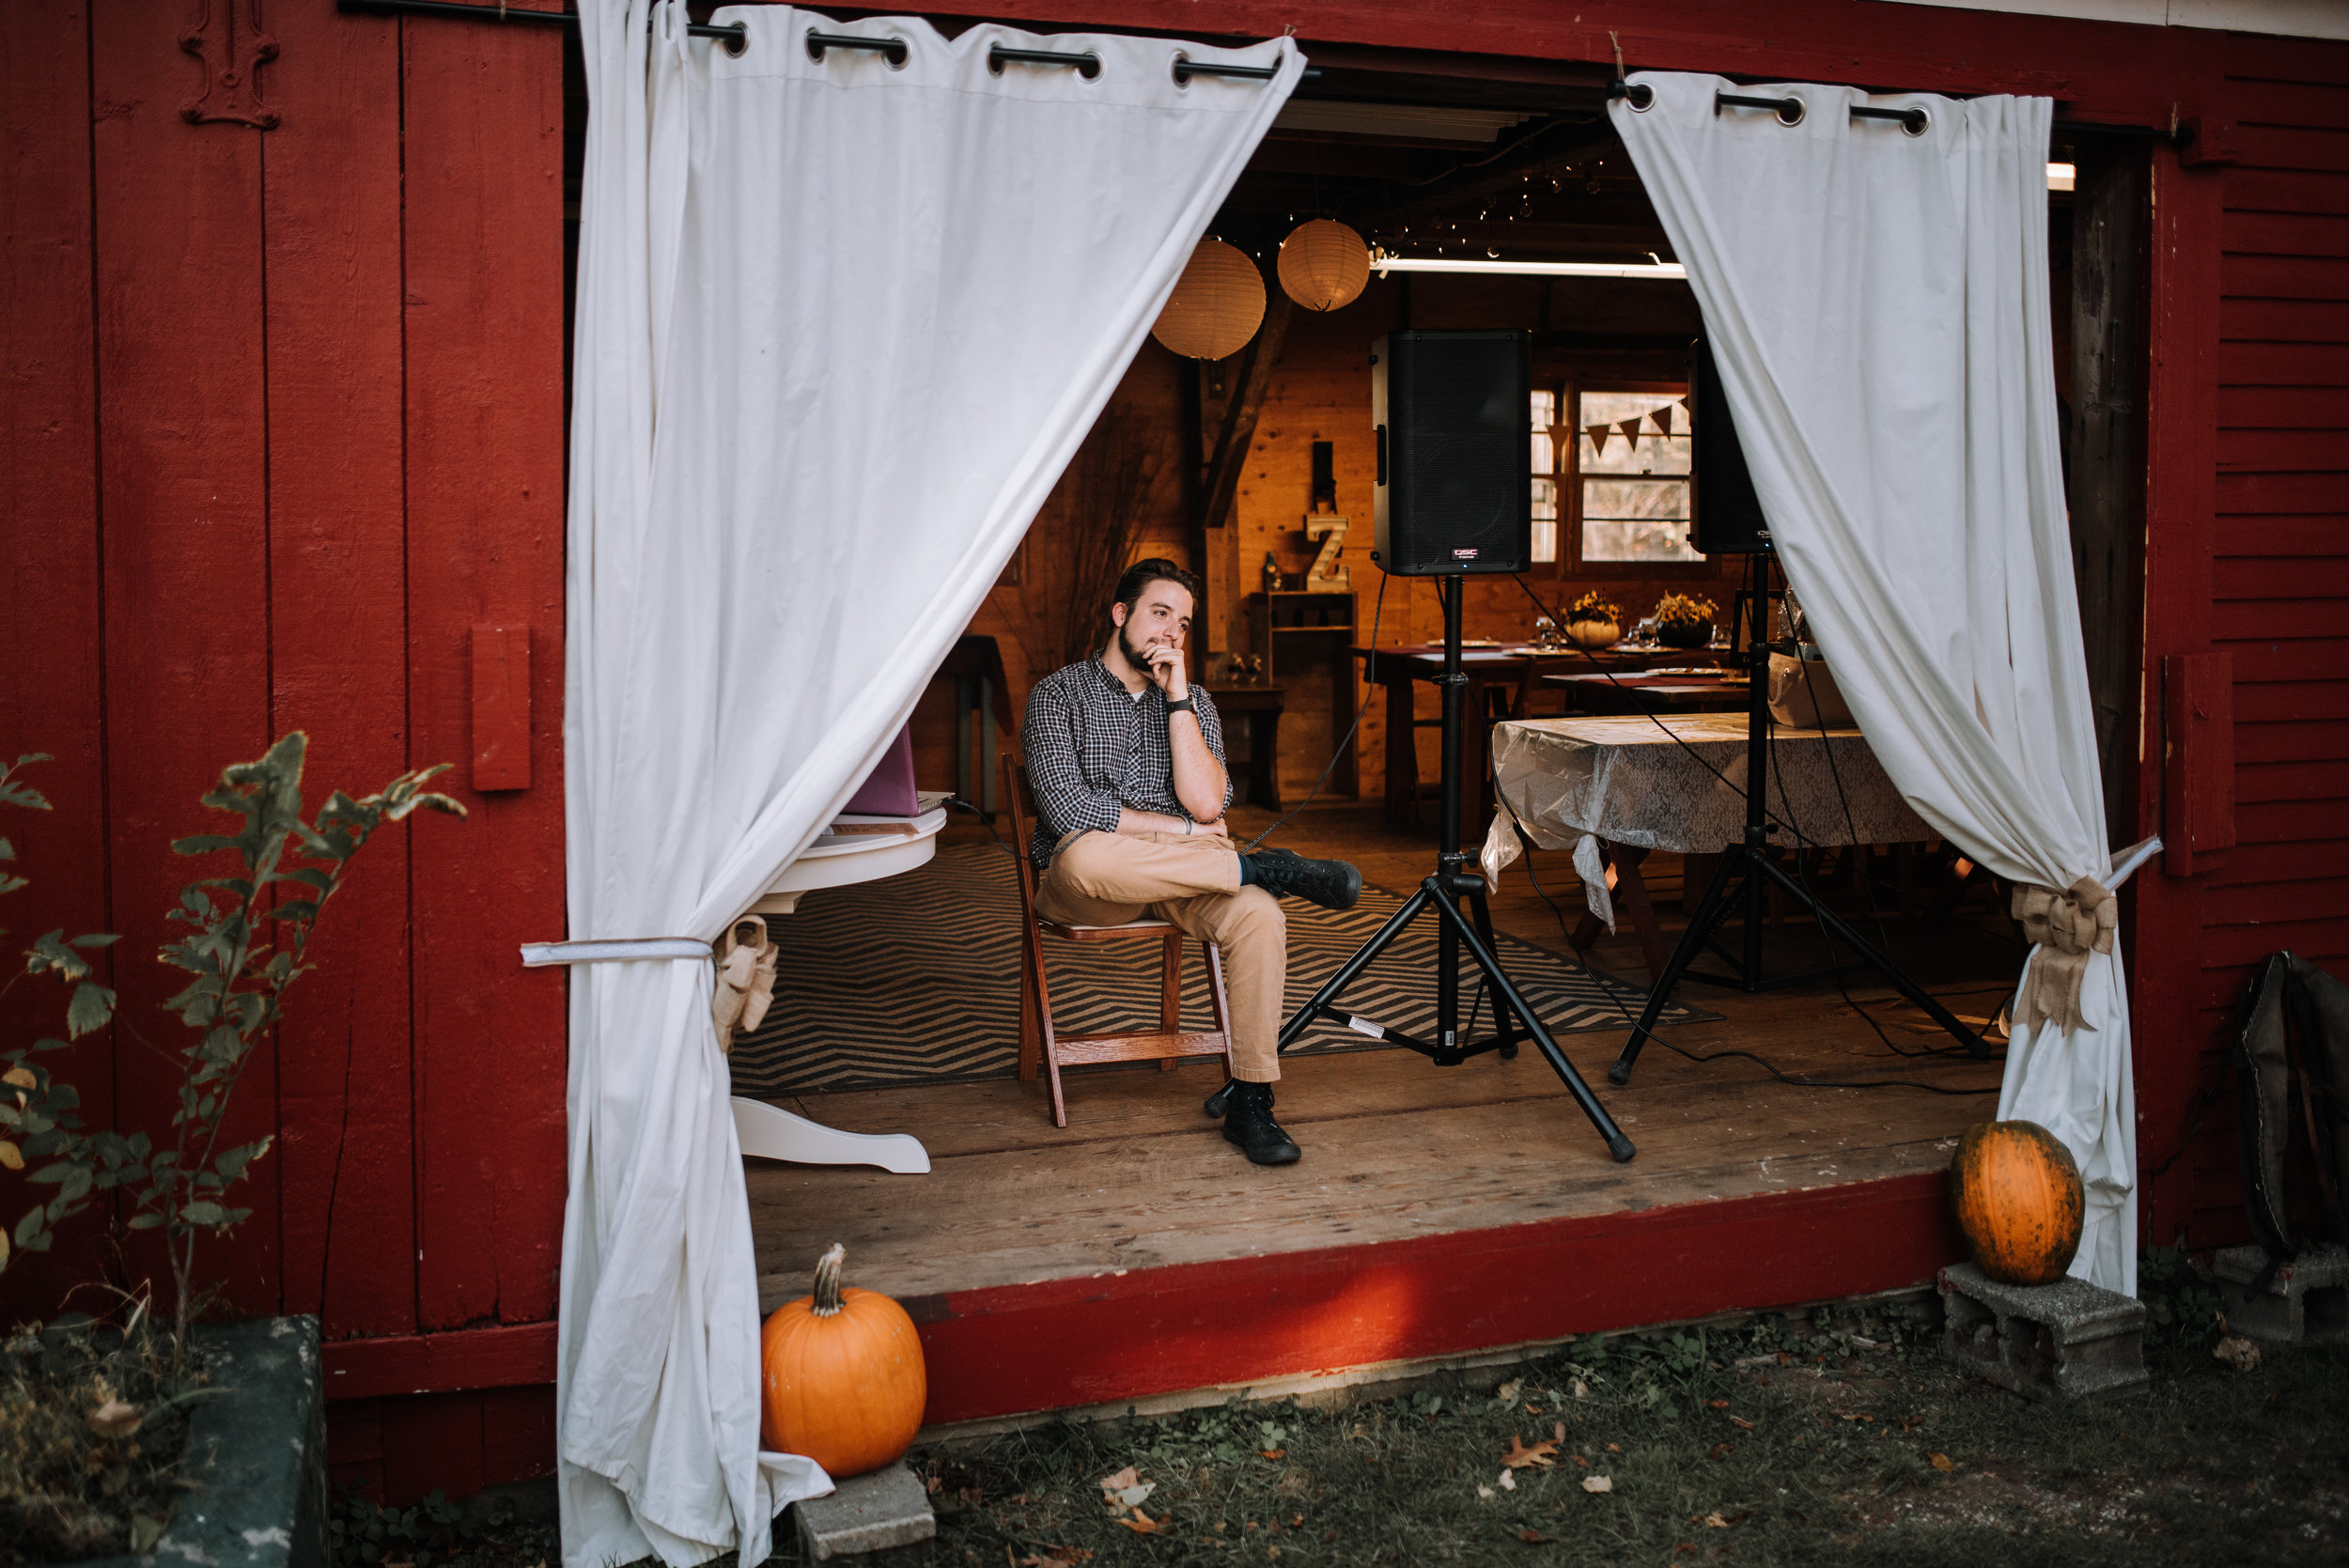 LUV LENS_WEDDING_GABBIE GARY SMALL-33.jpg